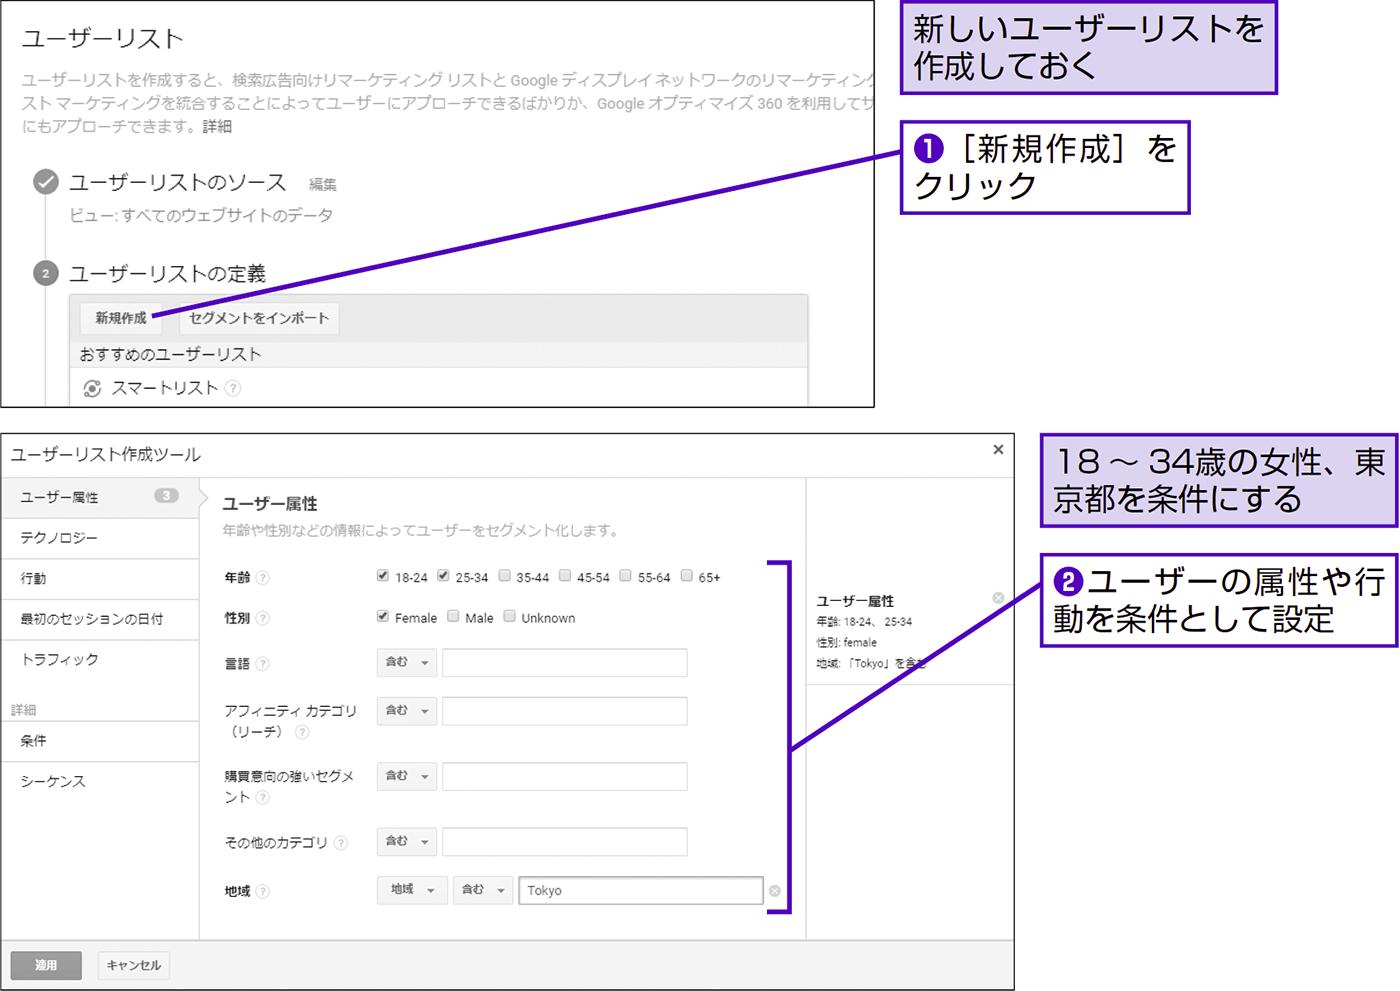 ユーザーの属性や行動に基づくリマーケティングのリストを作成する - できる逆引き Googleアナリティクス 増補改訂2版